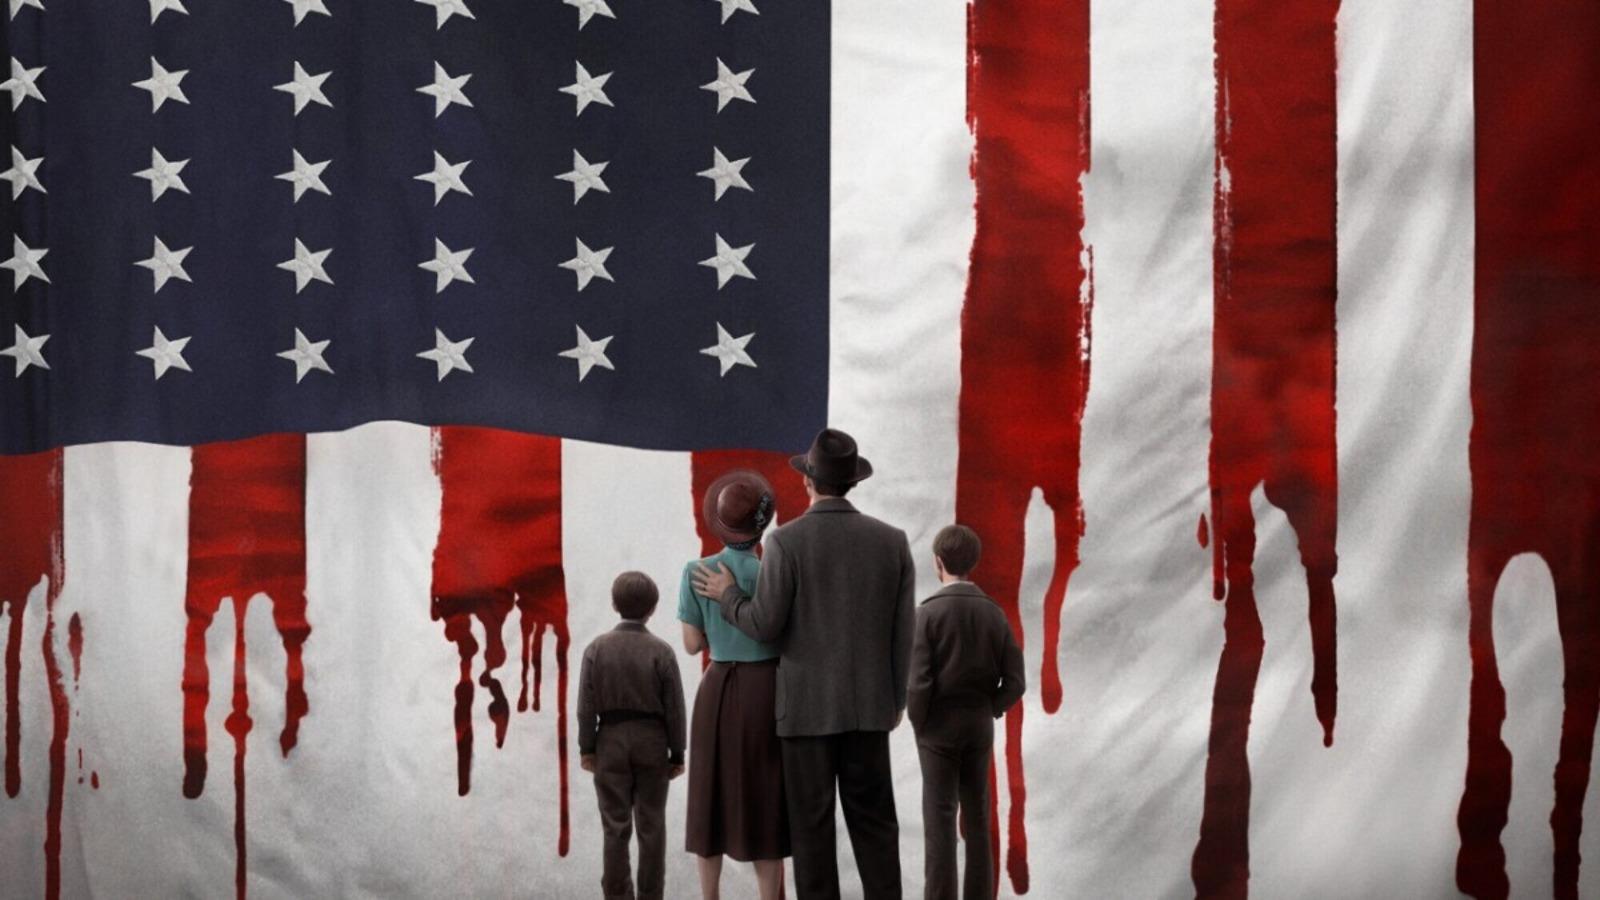 הקנוניה נגד אמריקה תמונת קידום רשמית